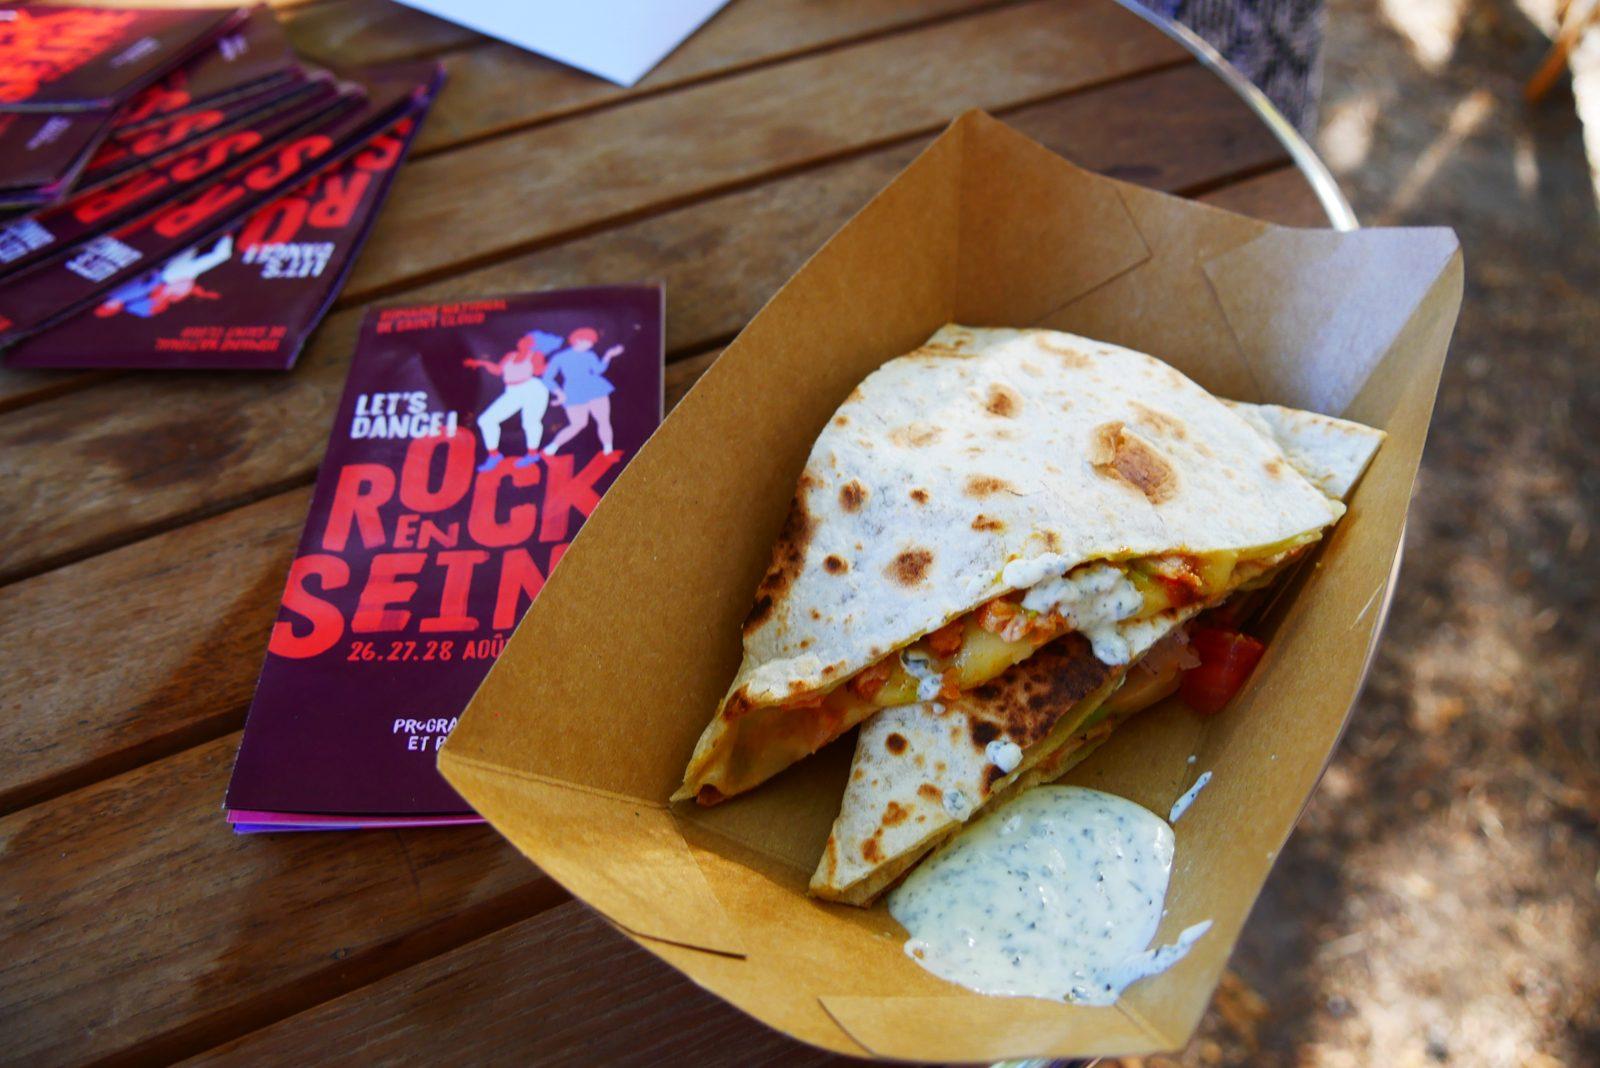 Quesadillas de poulet sauce piquante et fromage raclette richesmonts foodtruck festival Rock en Seine paris photo blog usofparis